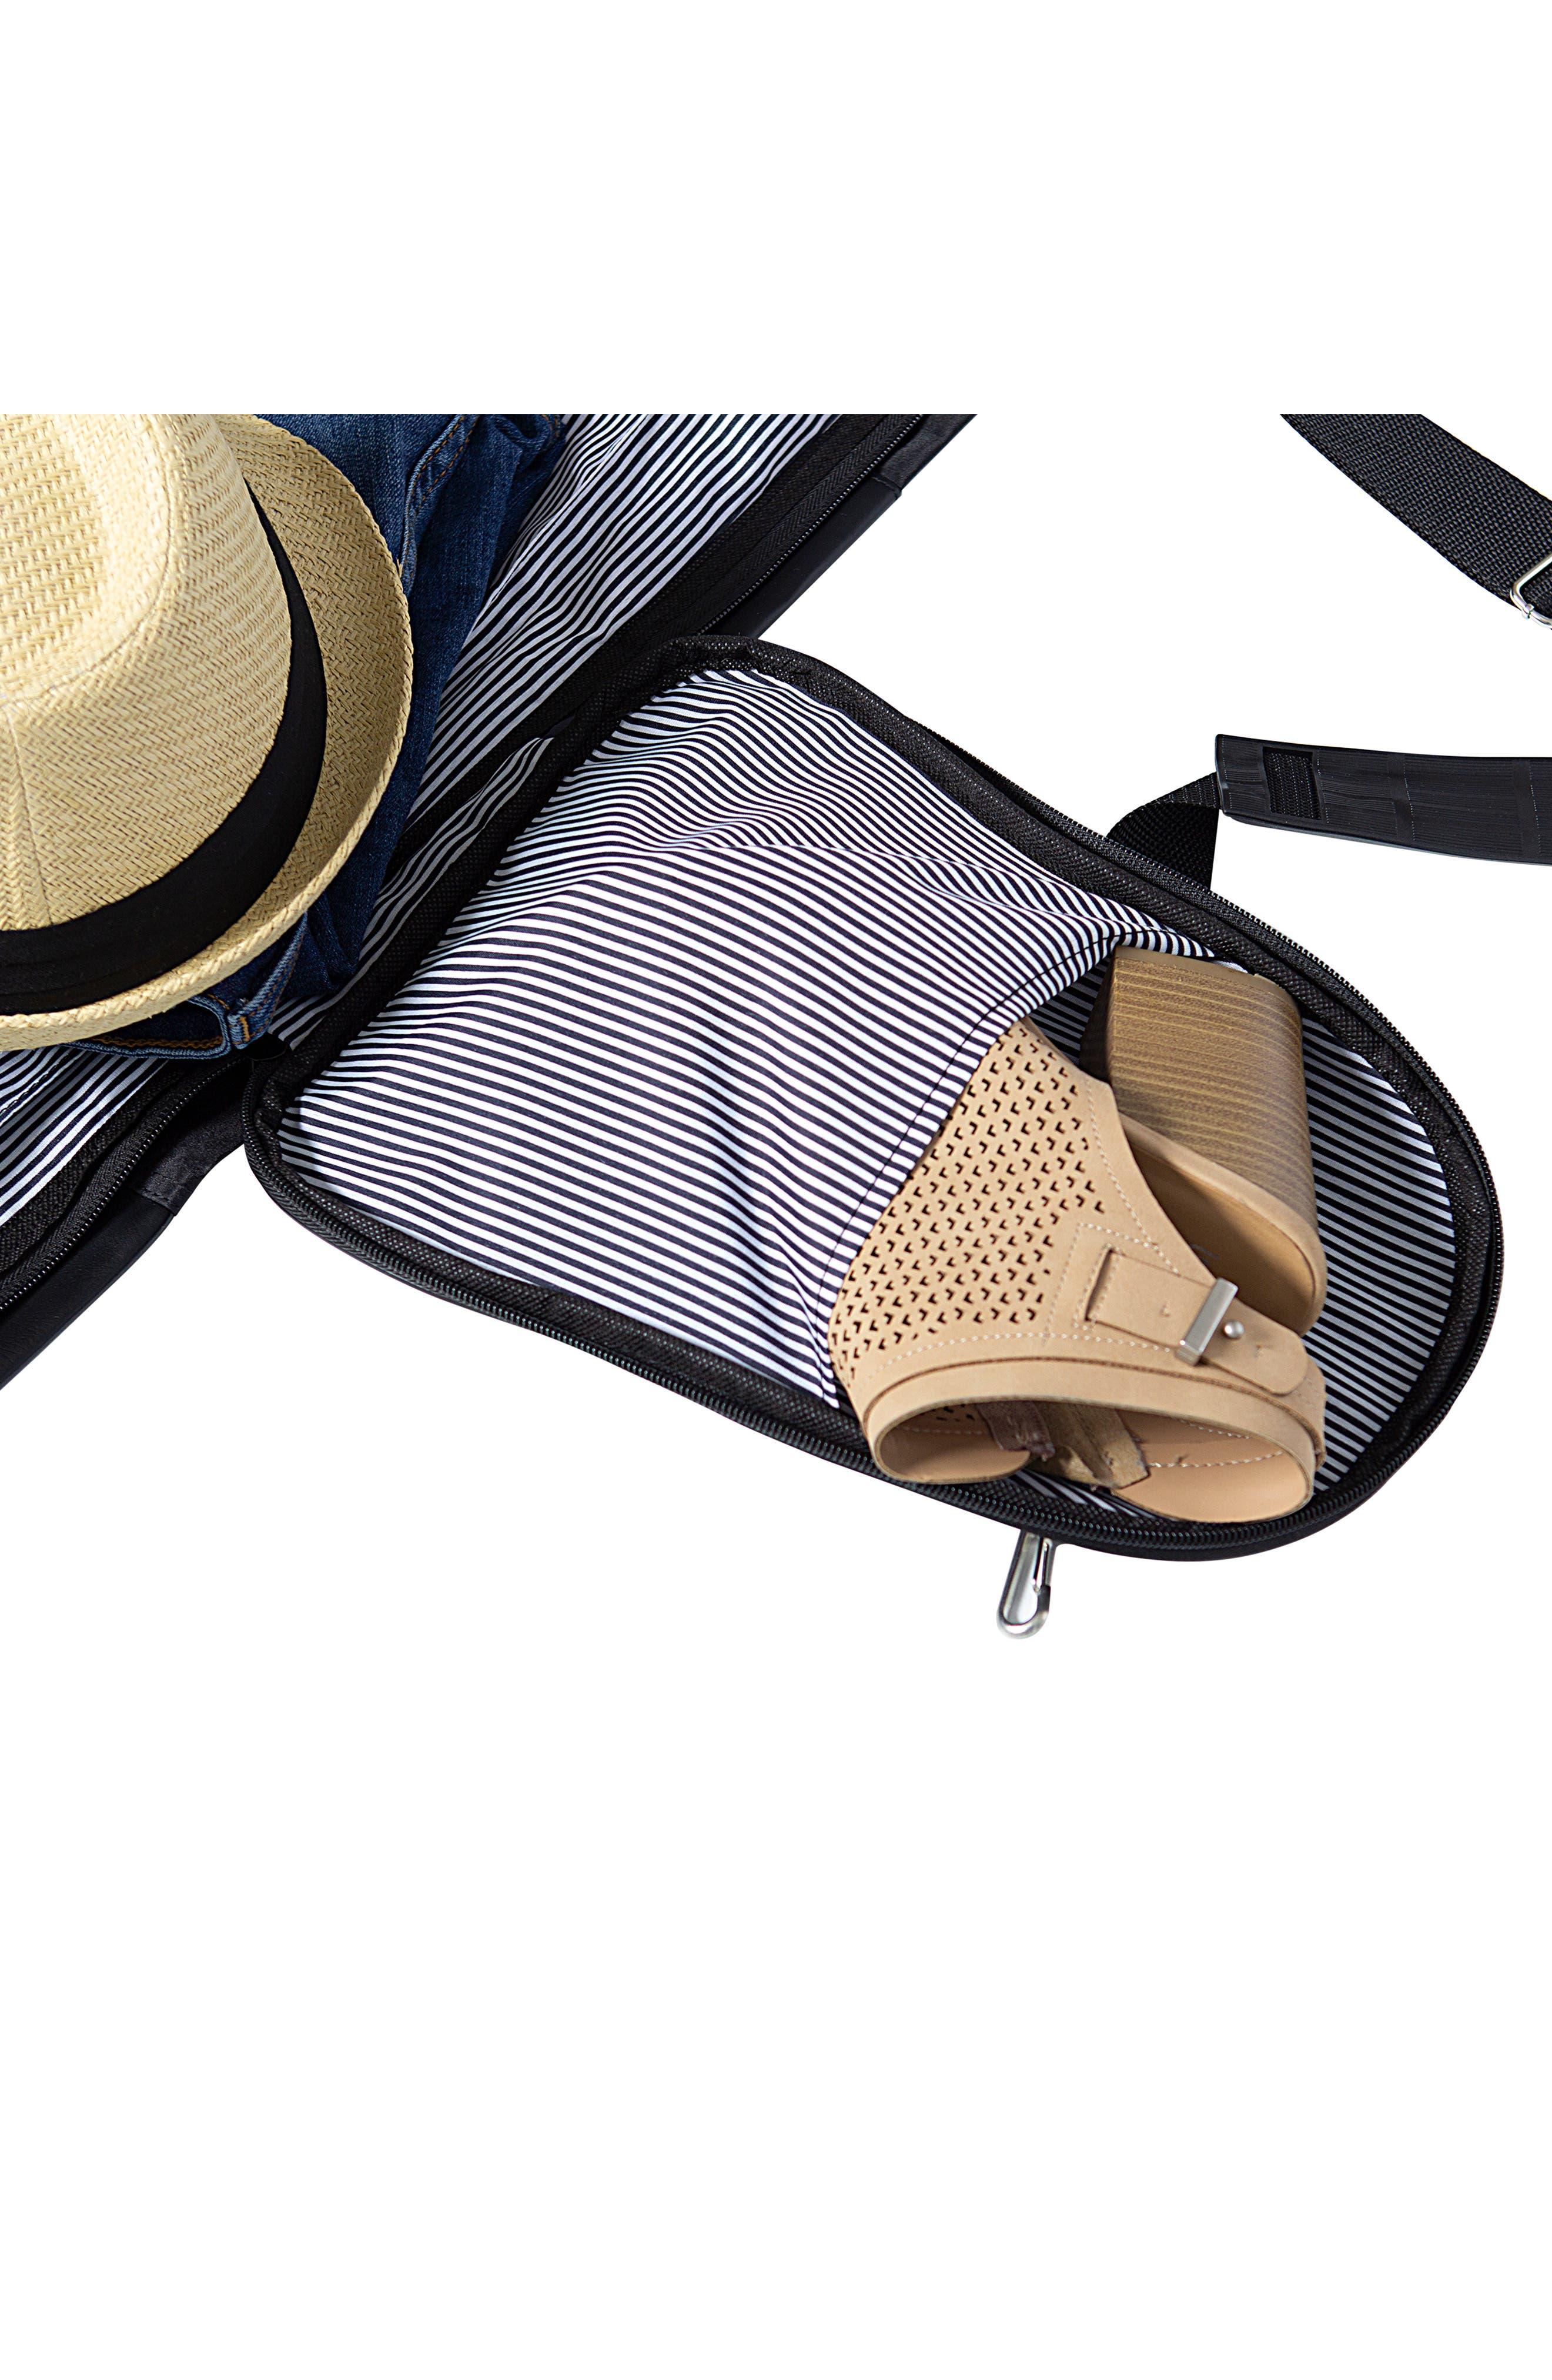 Monogram Duffel/Garment Bag,                             Alternate thumbnail 9, color,                             BLACK